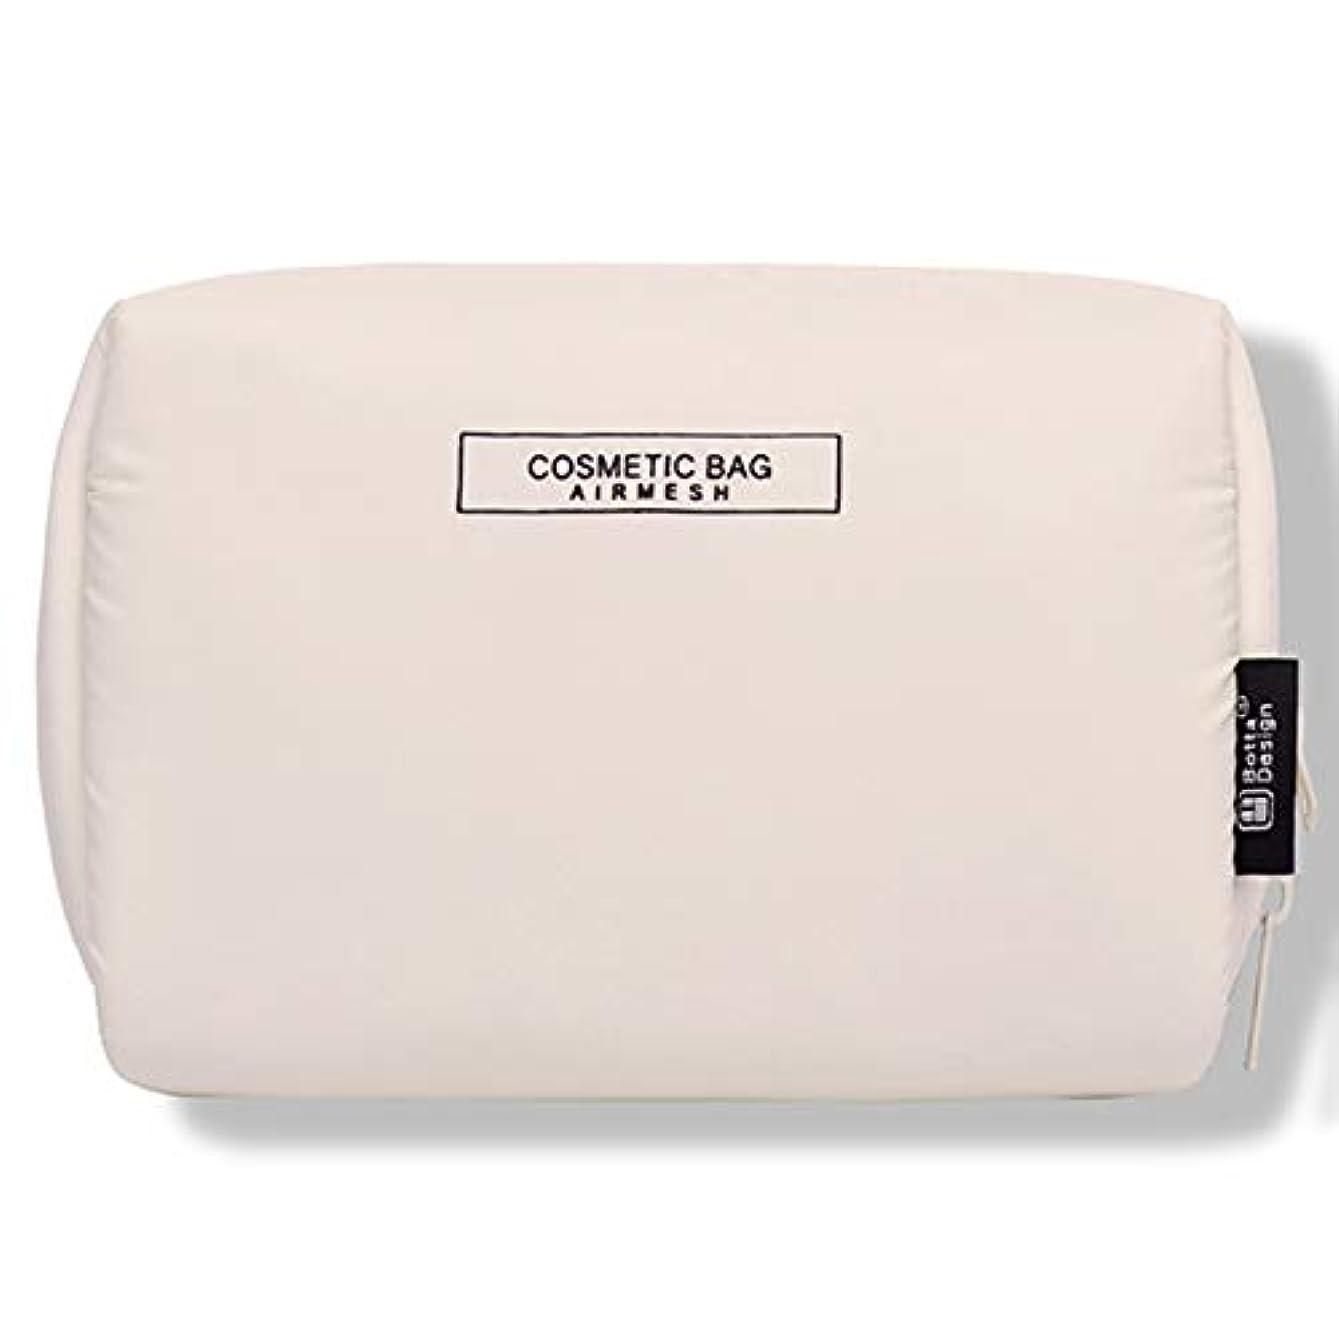 外部やがて恐れる化粧ポーチ トイレタリーバッグ トラベルポーチ メイクポーチ ミニ 財布 機能的 大容量 化粧品収納 小物入れ 普段使い 出張 旅行 メイク ブラシ バッグ 化粧バッグ